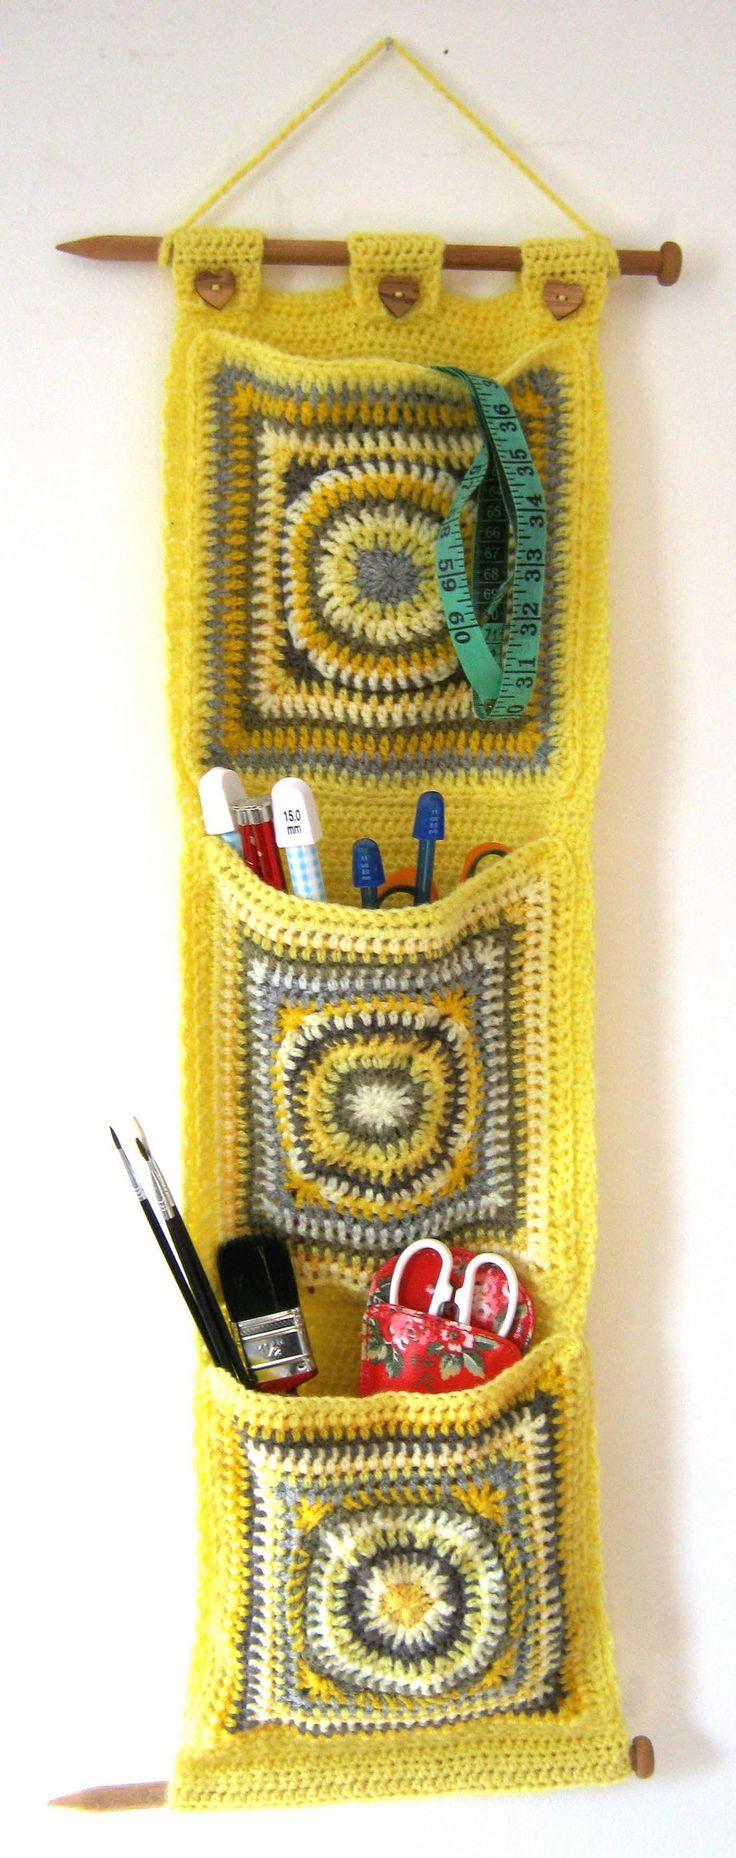 Crochet Wall Pockets | Flickr - Photo Sharing!